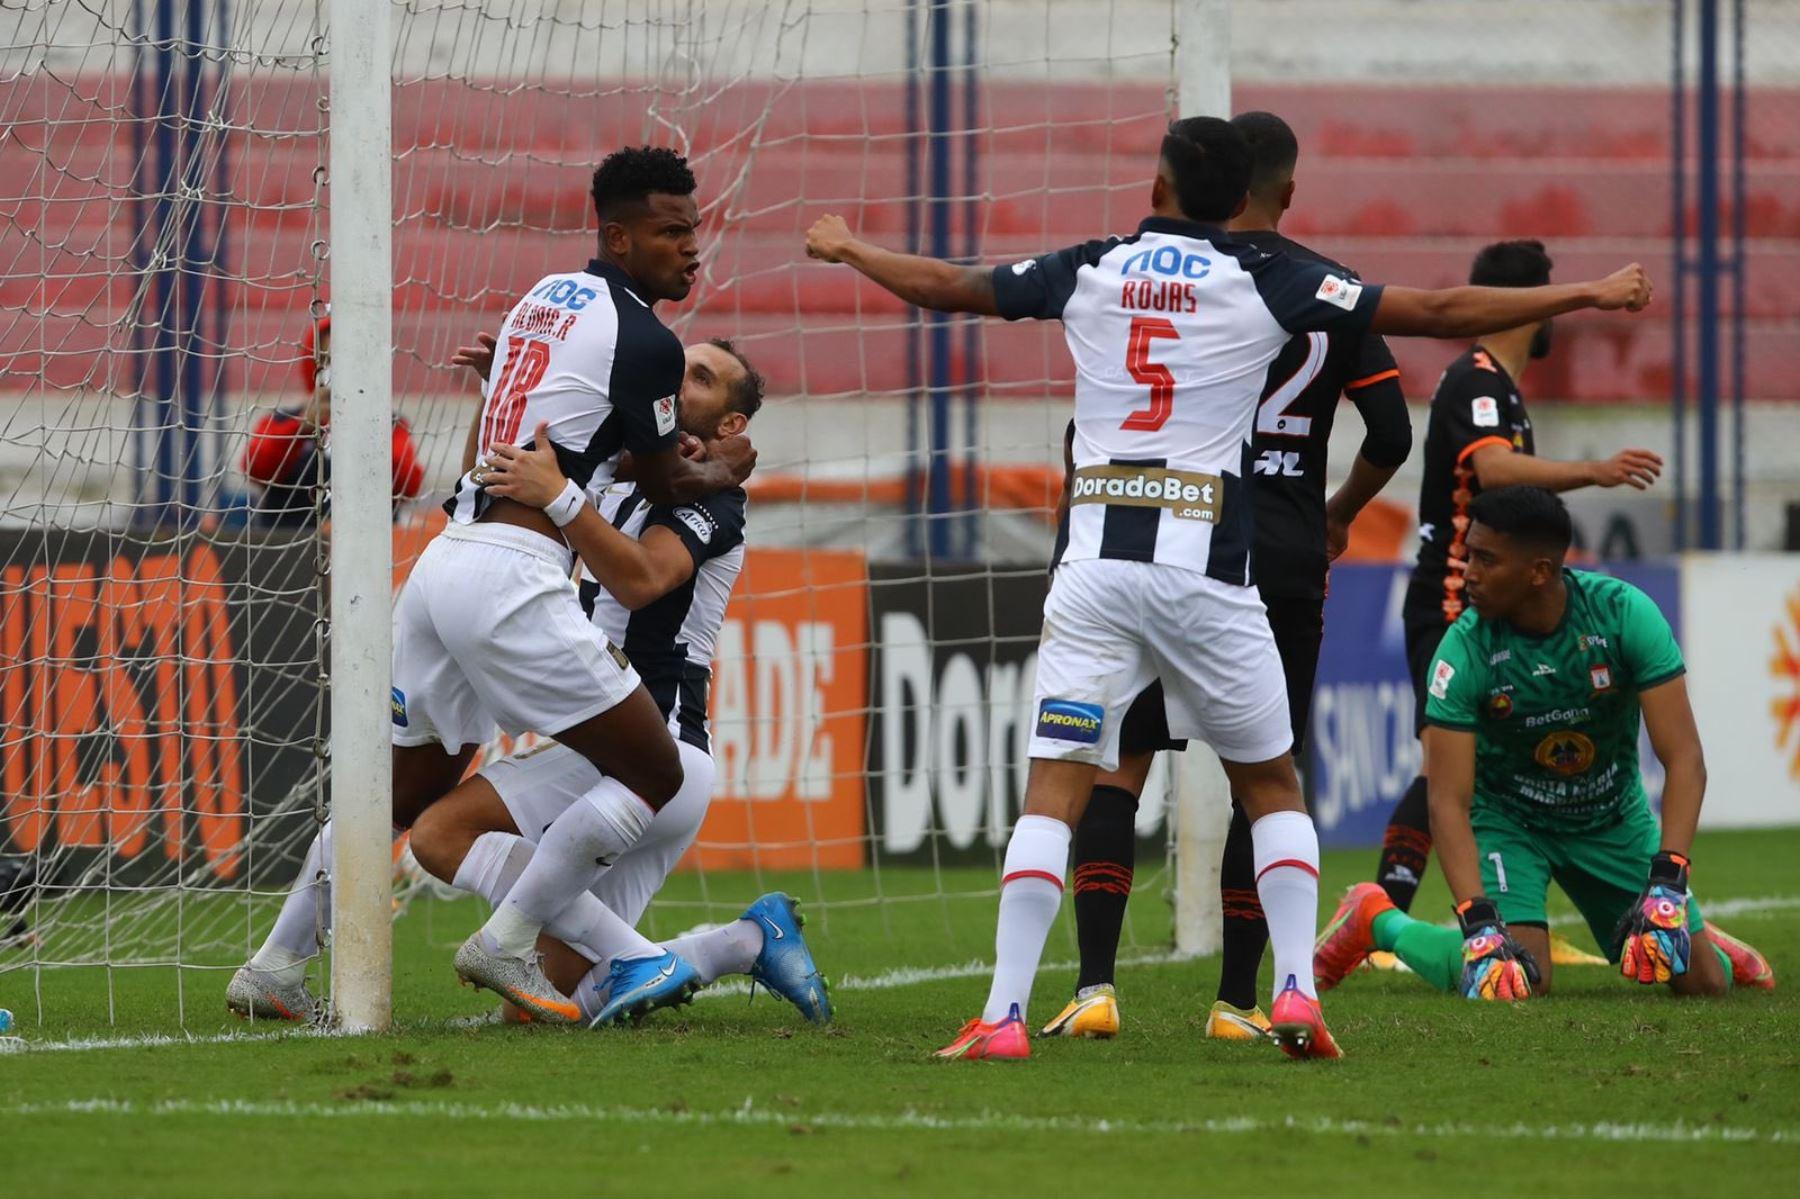 Aldair Rodíguez convierte su primer gol con la camiseta de Alianza Lima